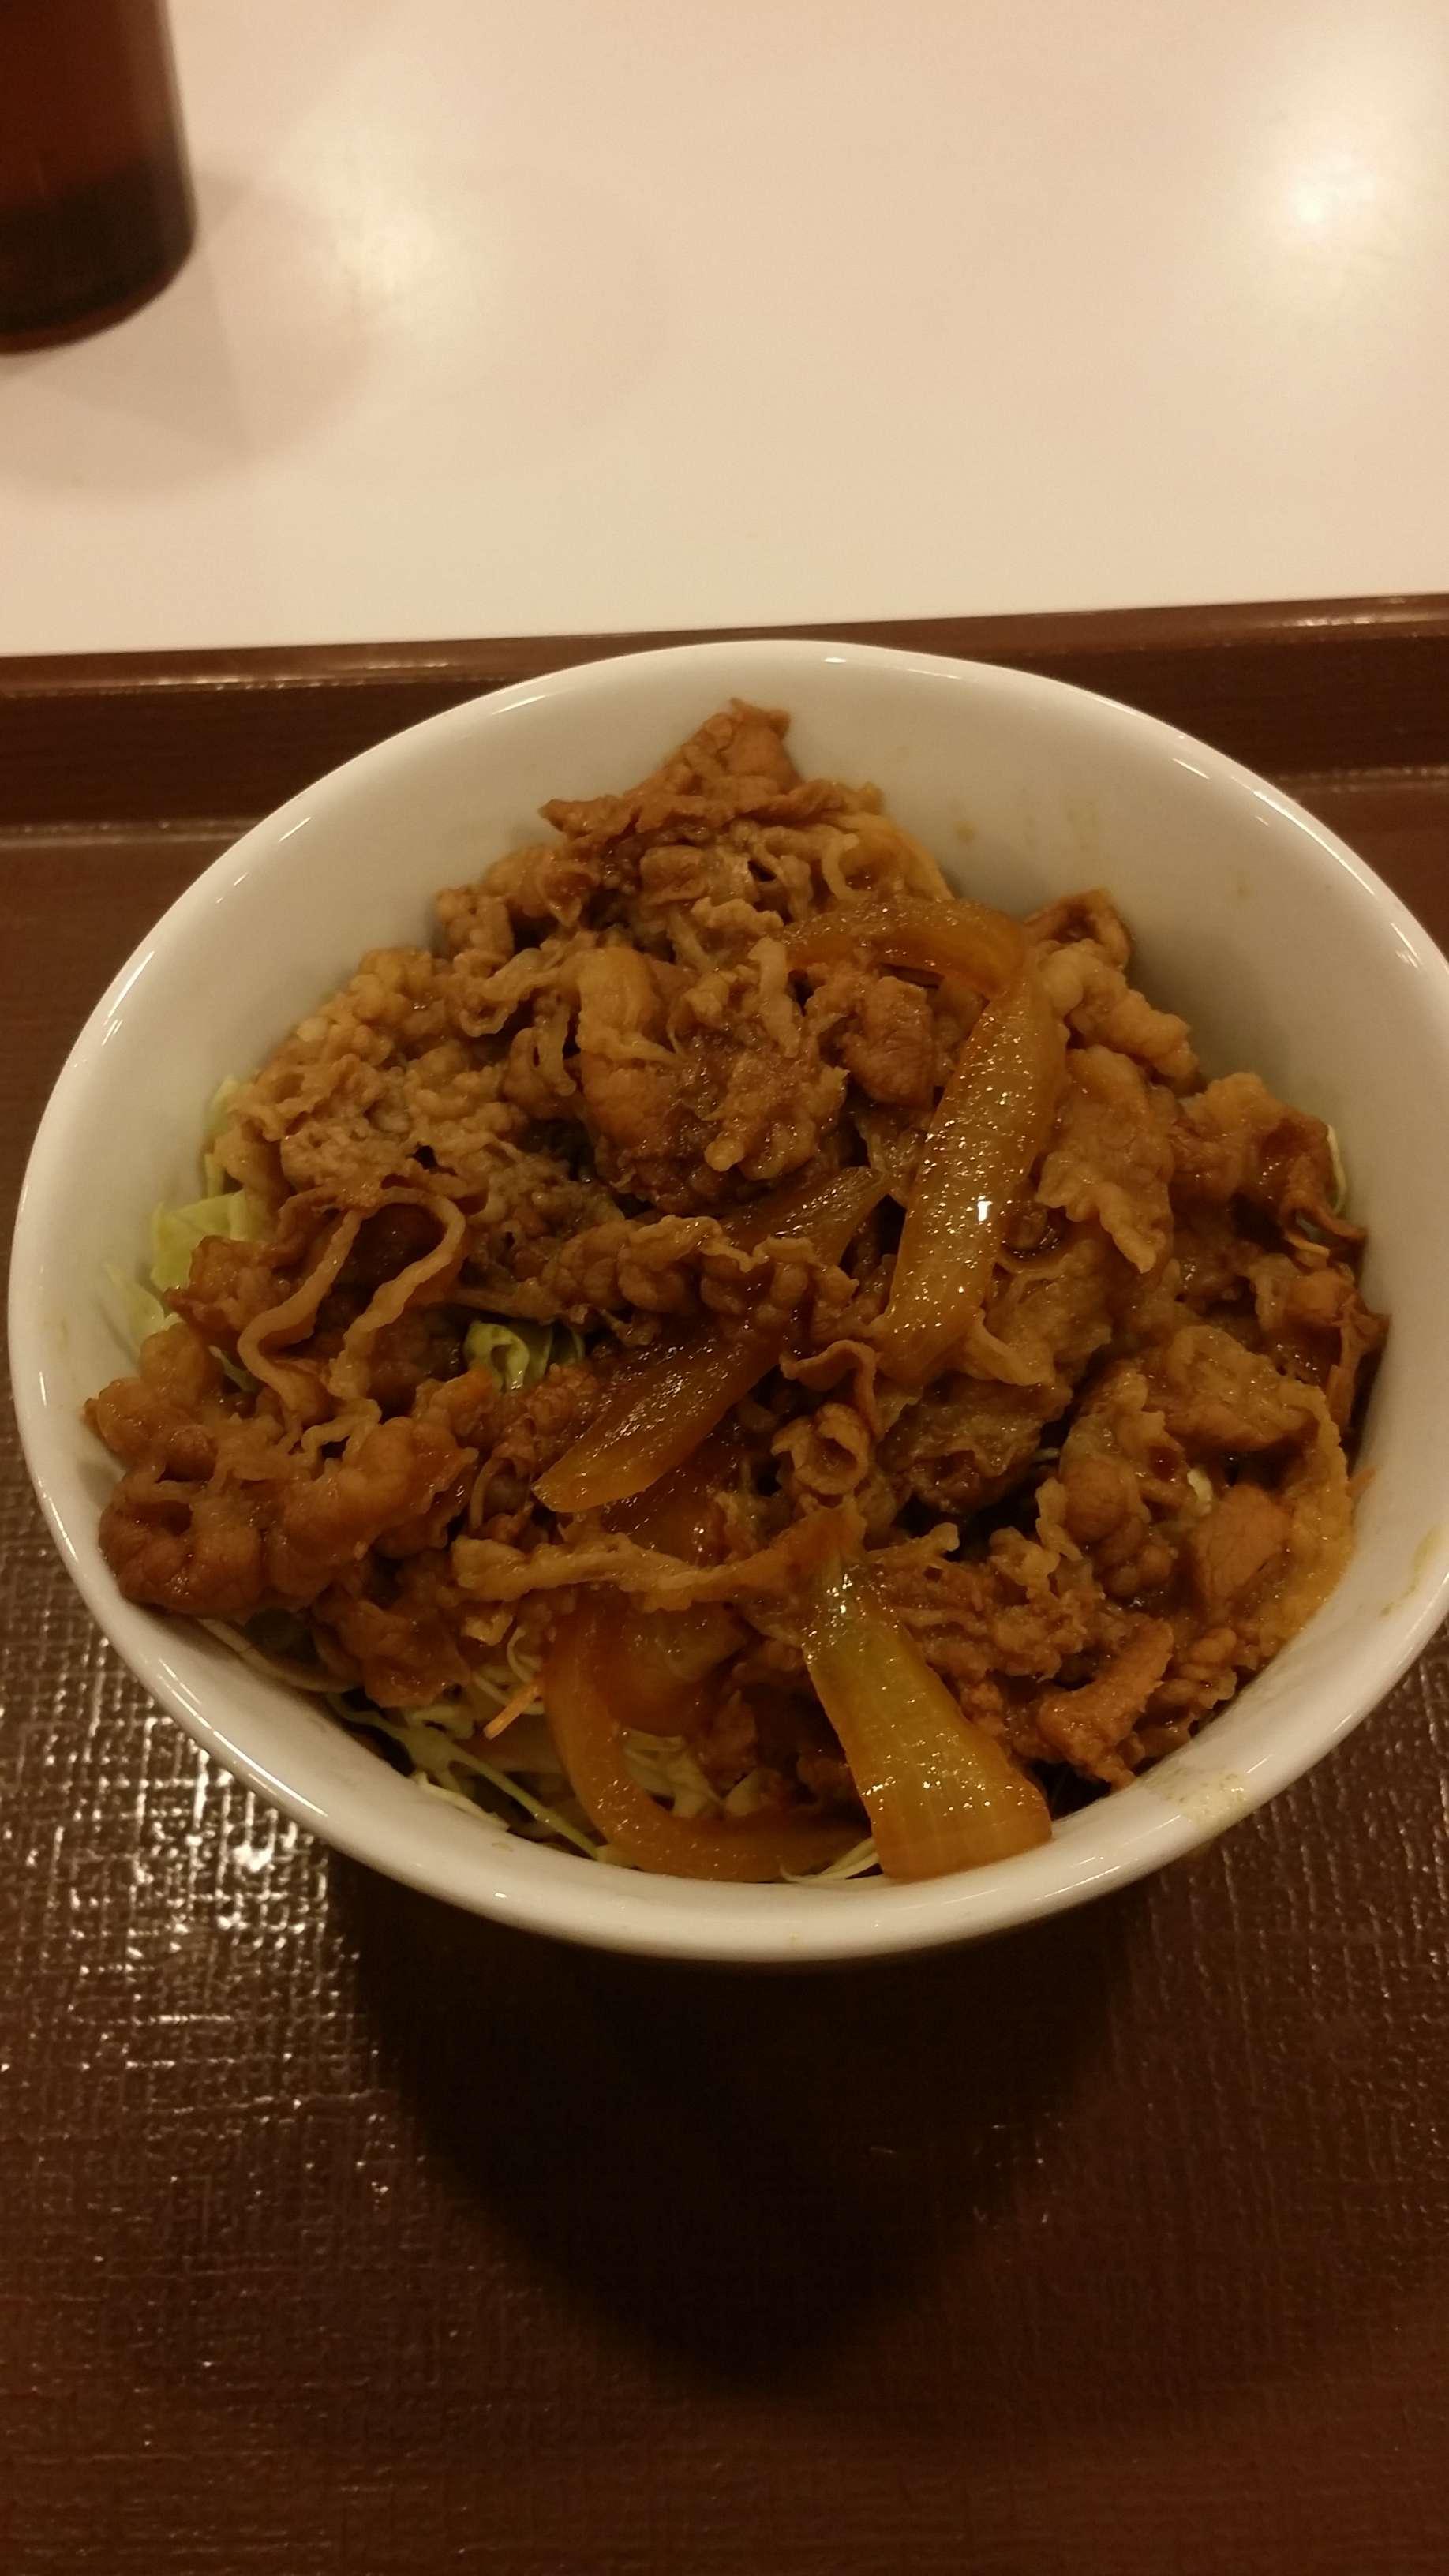 【糖質制限ダイエット食その1】 すき家牛丼ライト 糖質量16.1g